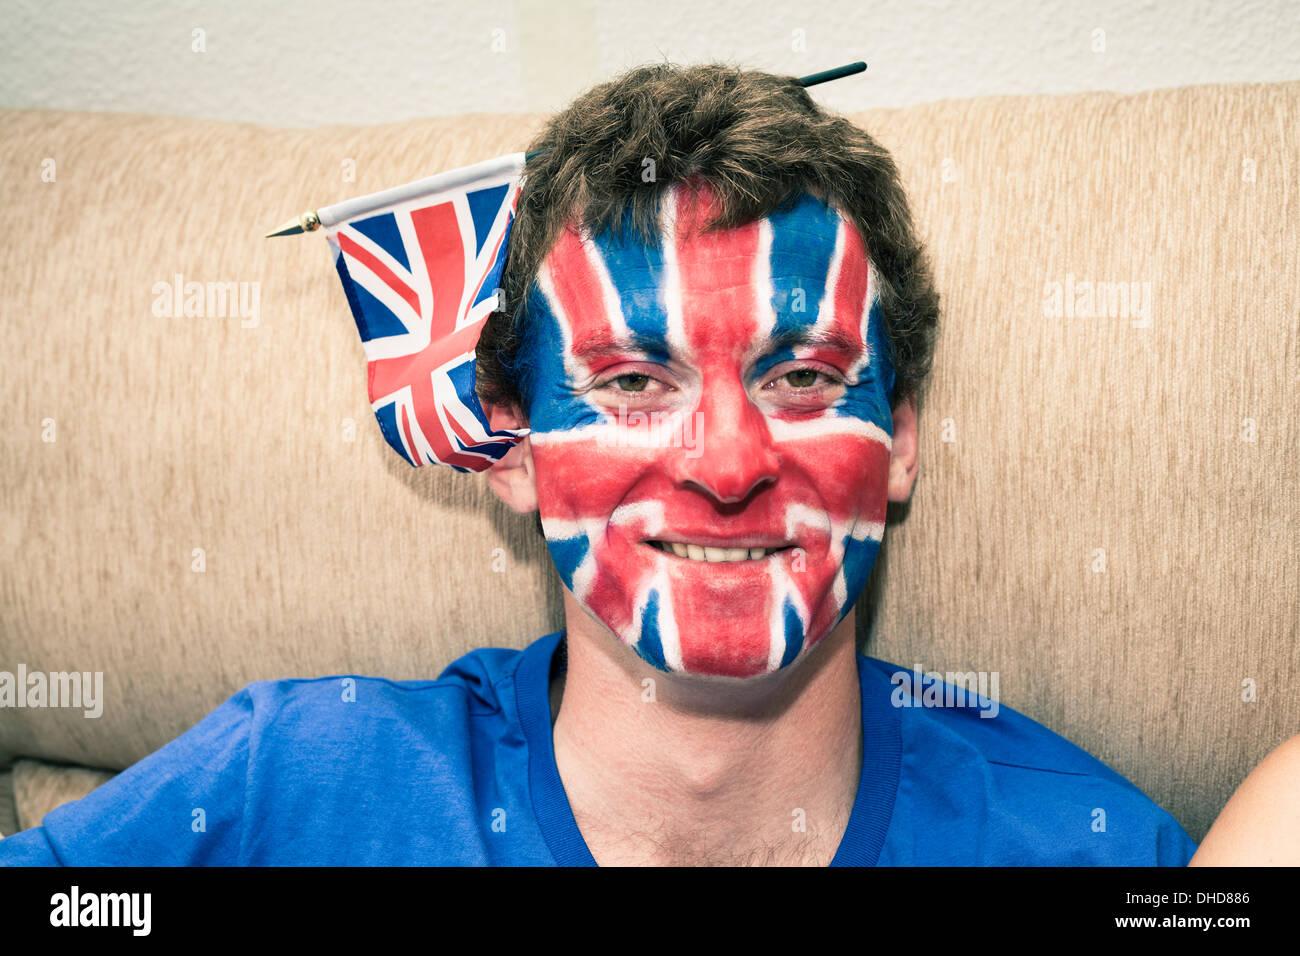 Ritratto di funny man con bandiera britannica dipinto sul suo volto. Immagini Stock